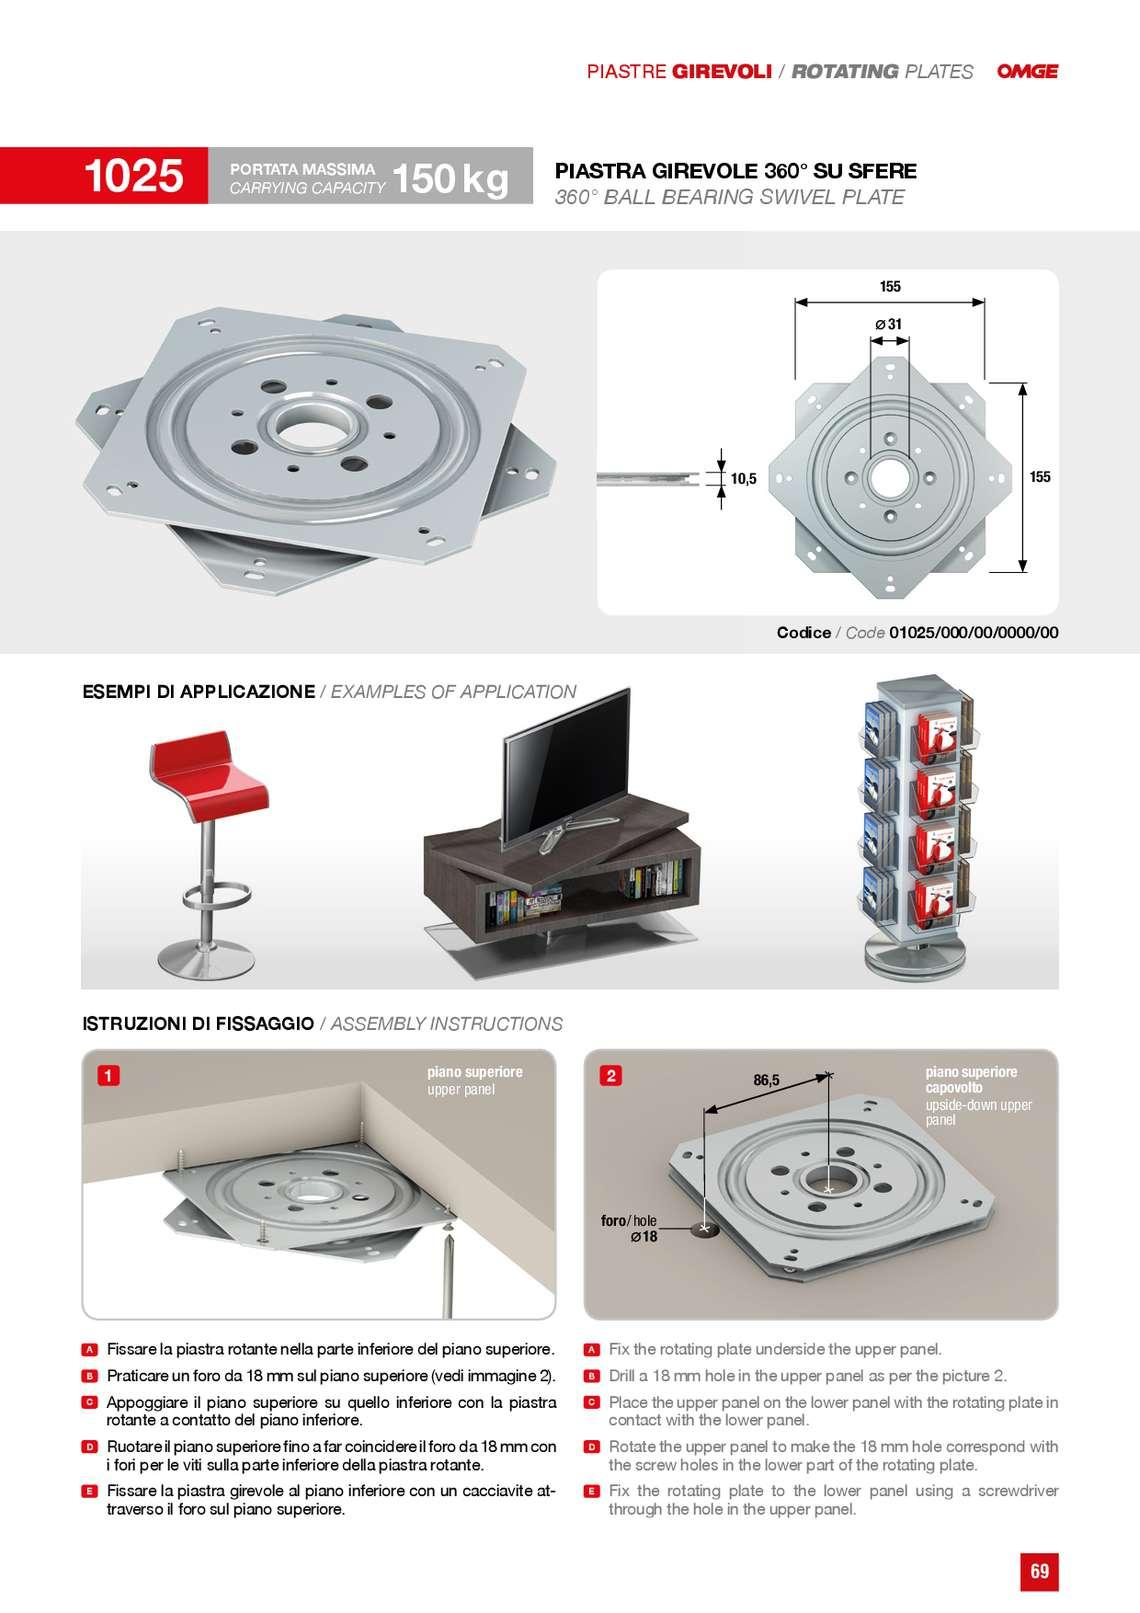 guide-per-allungamento-tavoli_163_068.jpg